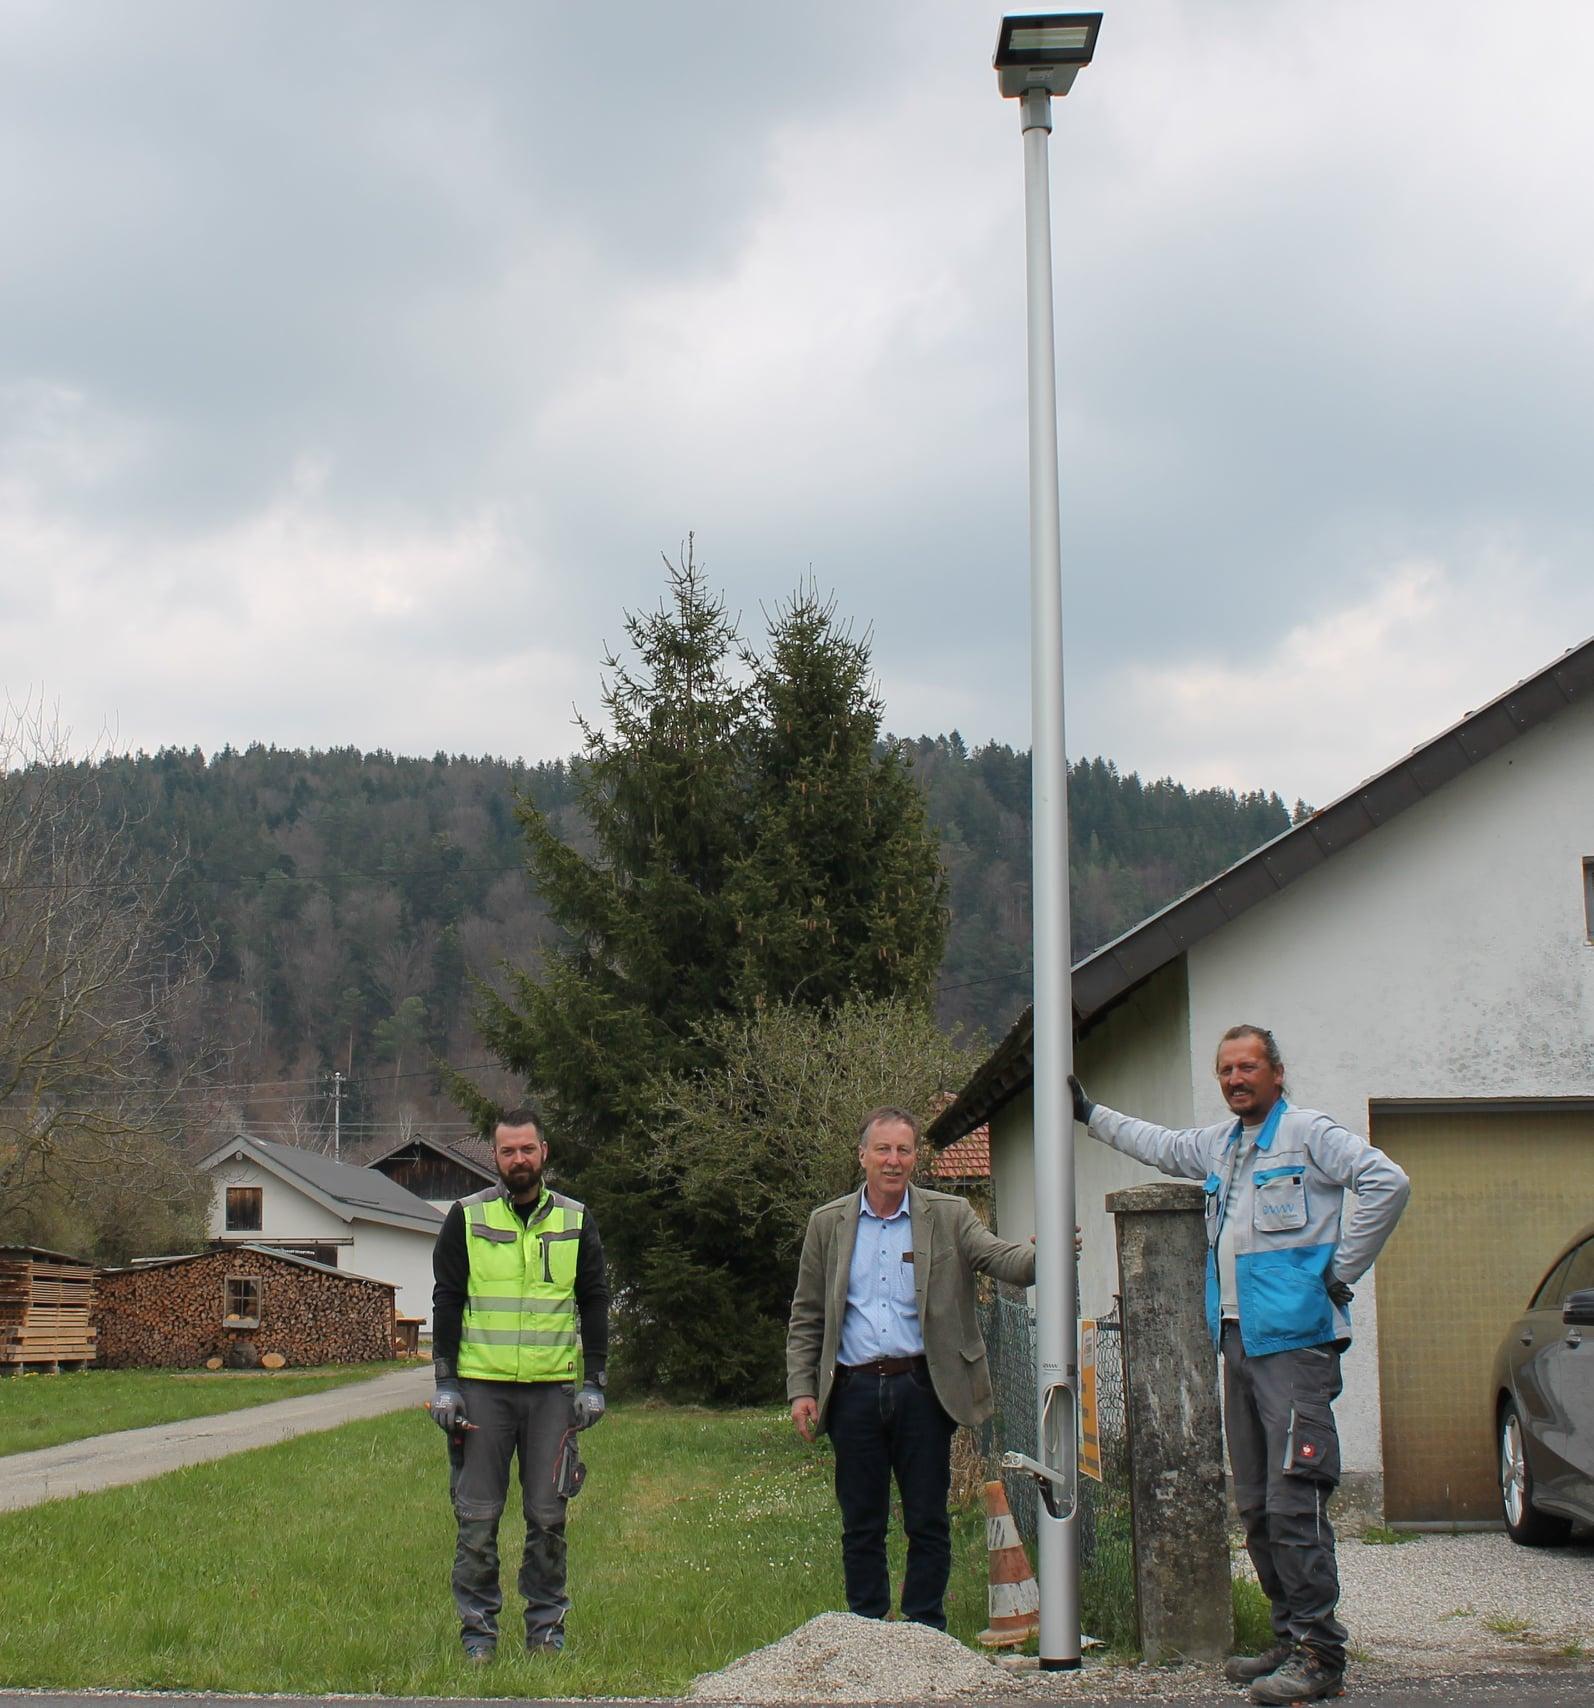 Dieses Bild zeigt Bürgermeister Martin Voggenberger mit den Beauftragten für die Umstellung der Straßenbeleuchtung auf LED.